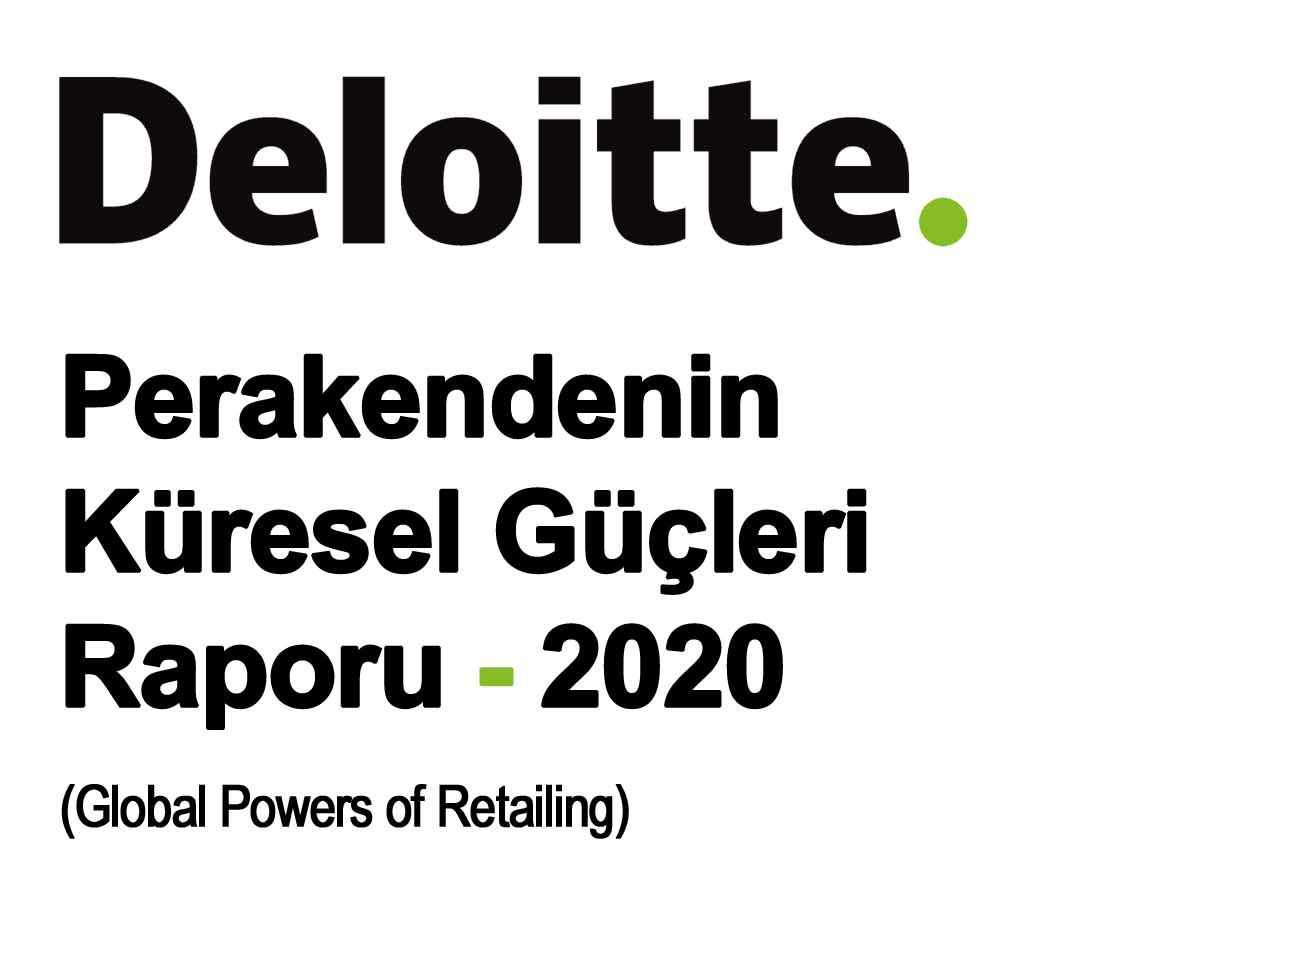 Perakendenin Küresel Güçleri 2020 Raporu